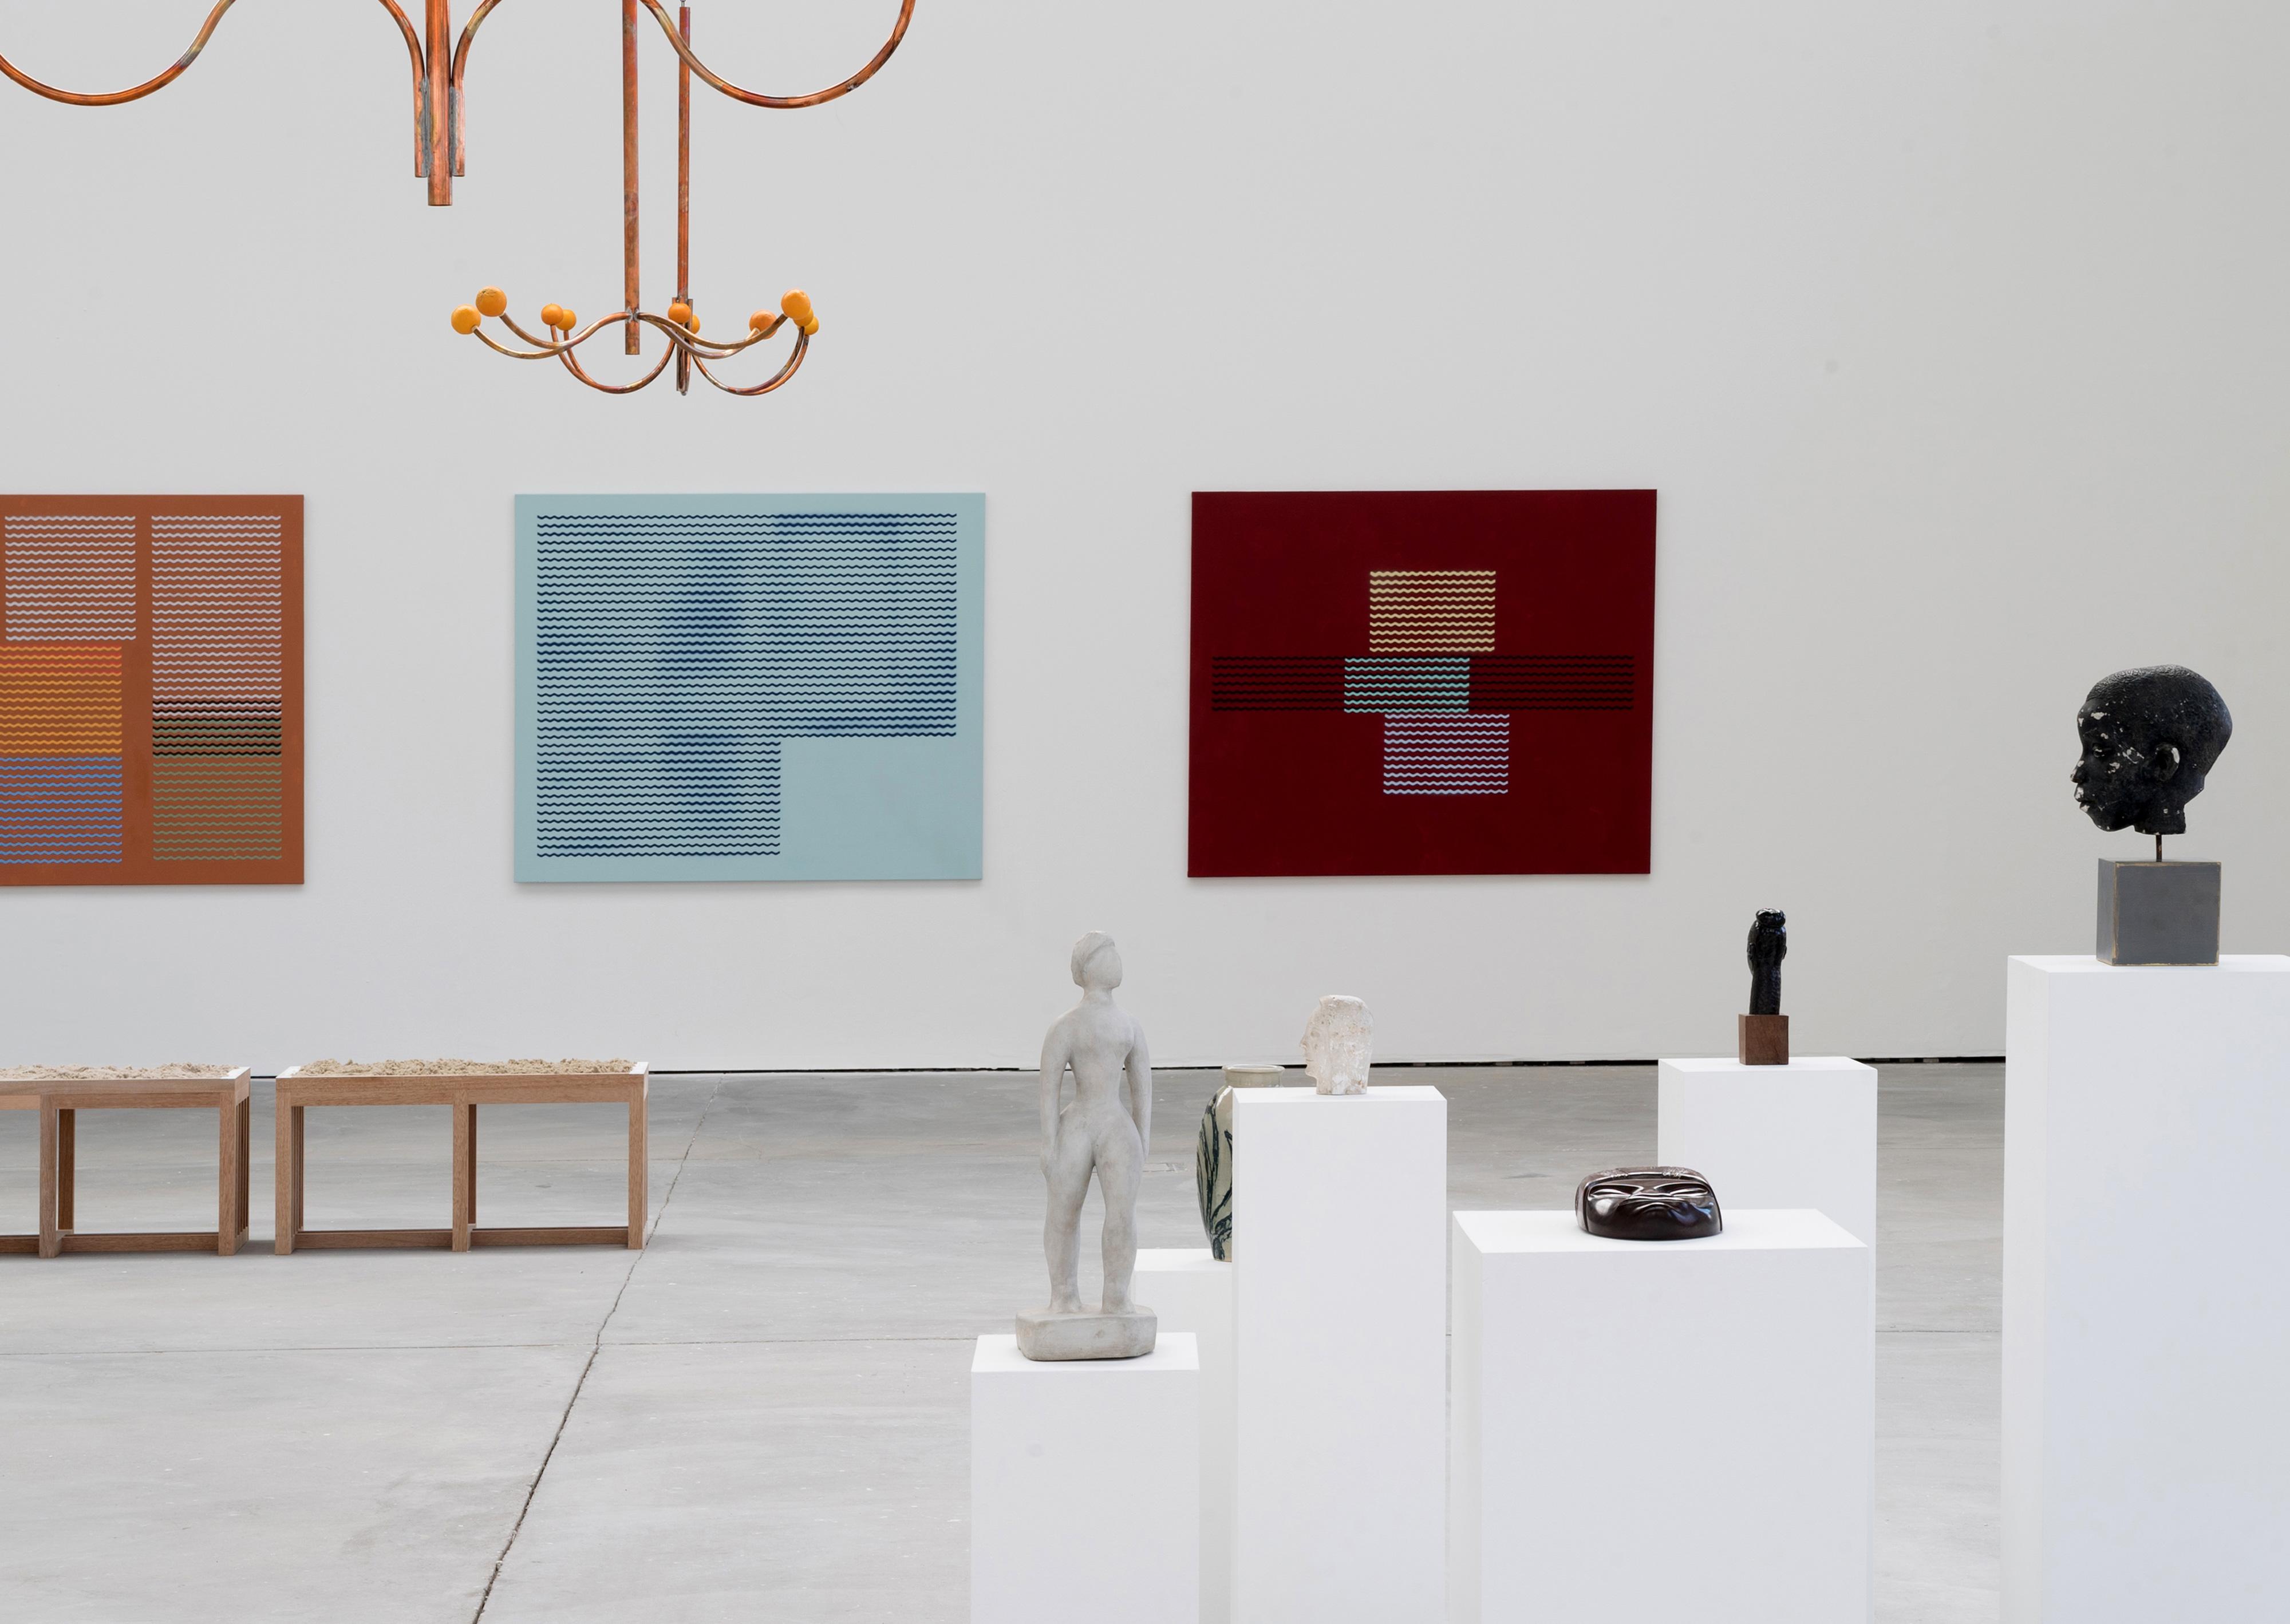 Galerie Barbara Thumm \ Diango Hernández – Sobre las olas (Über allen Wellen)